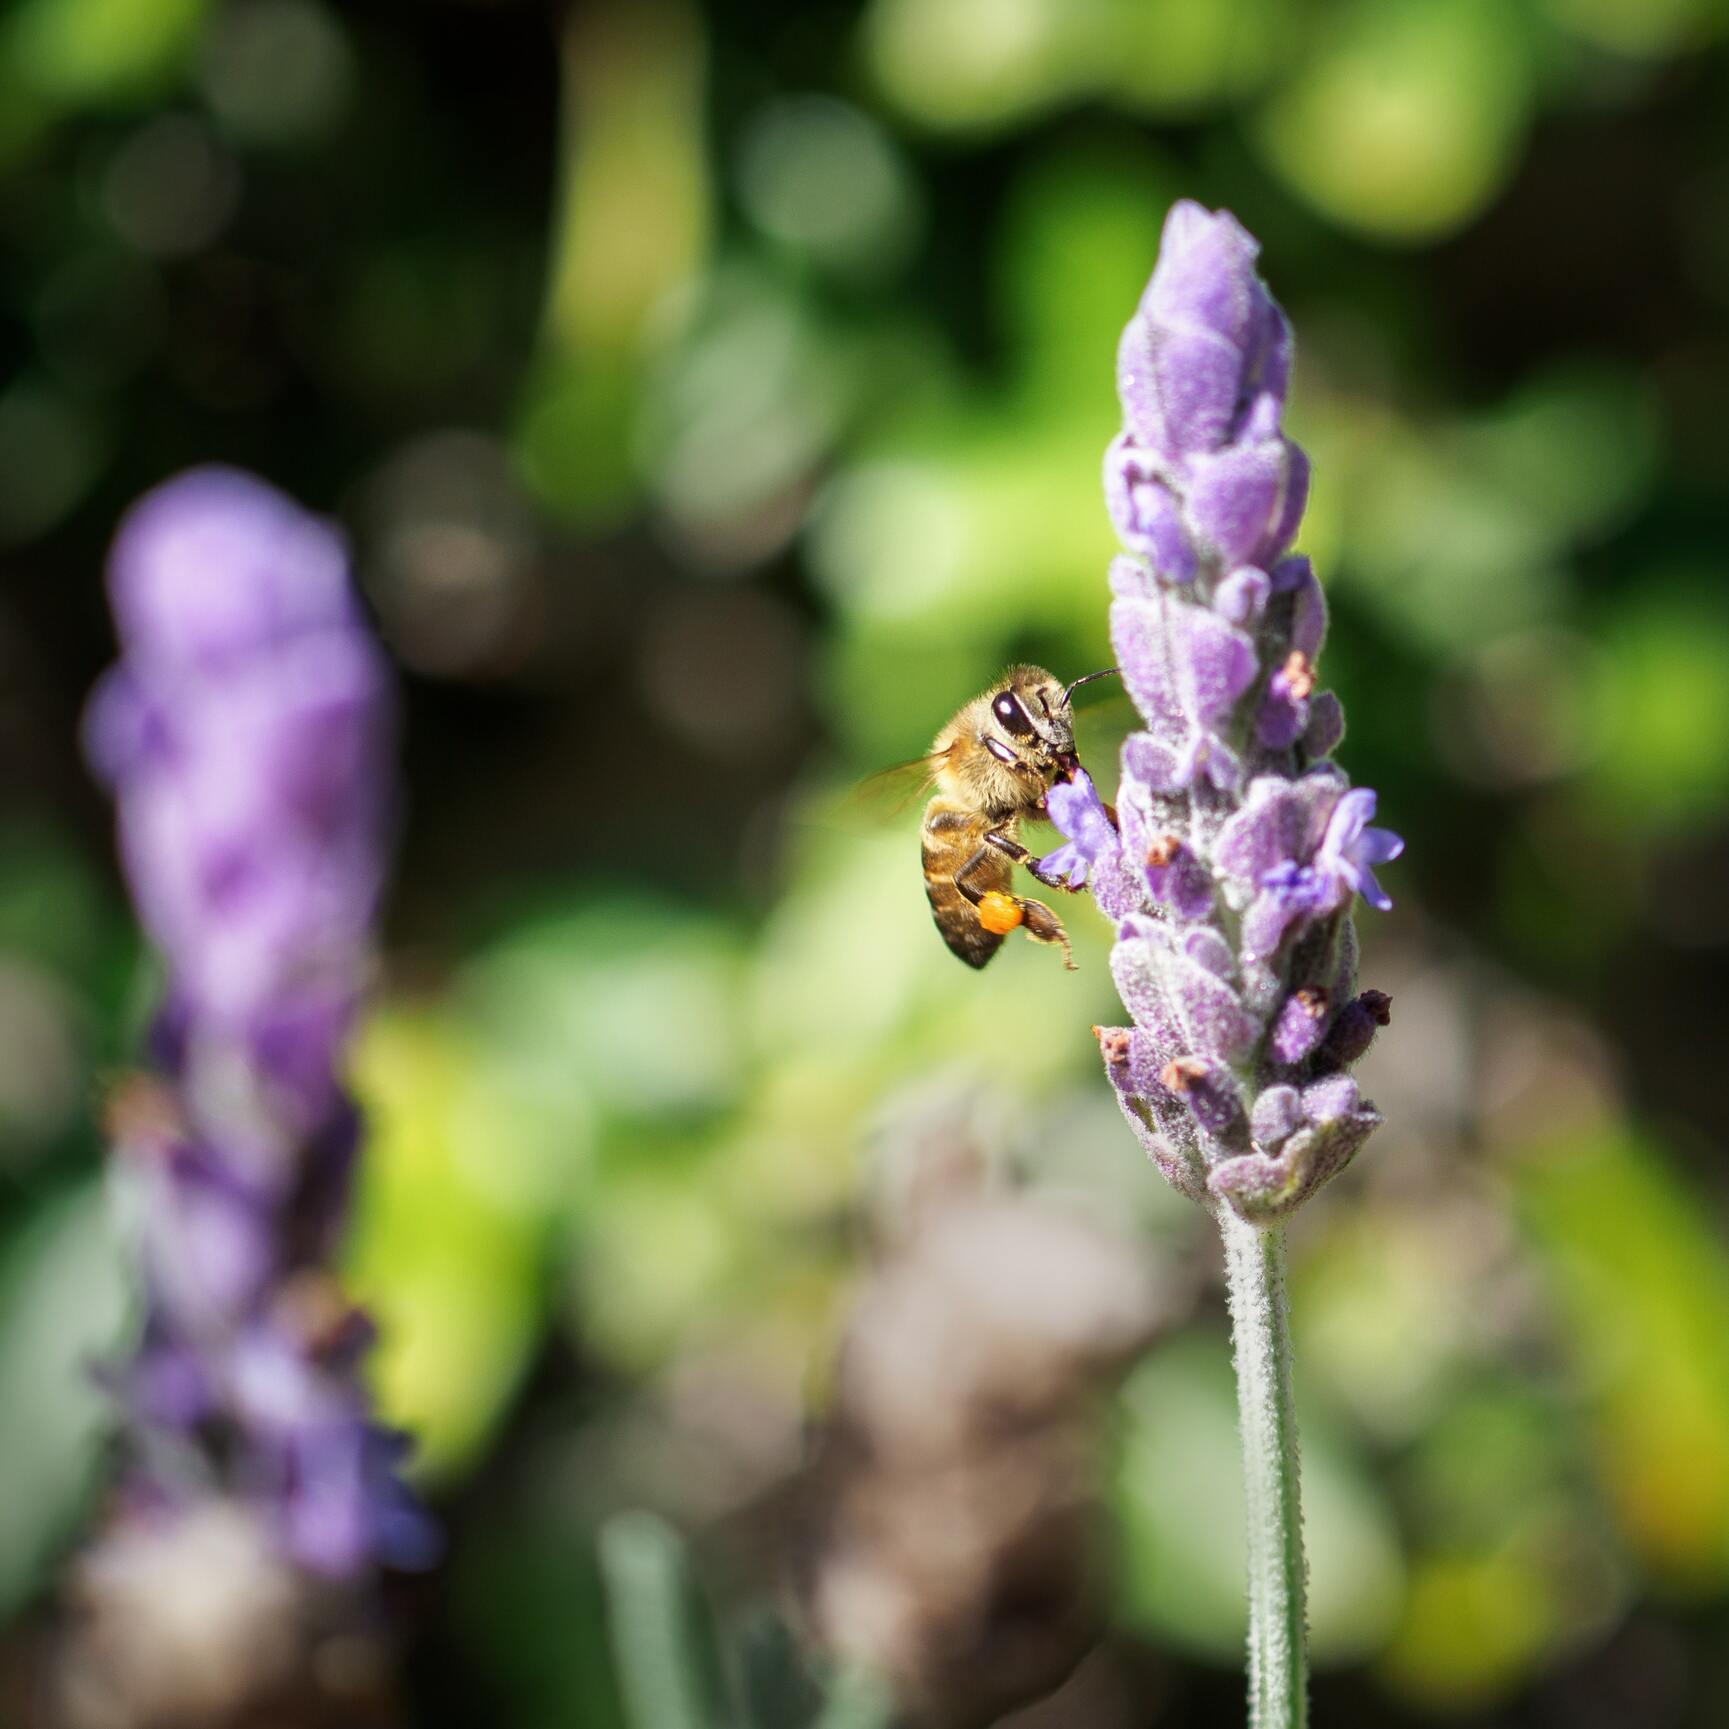 Hình ảnh con ong thợ lấy mật